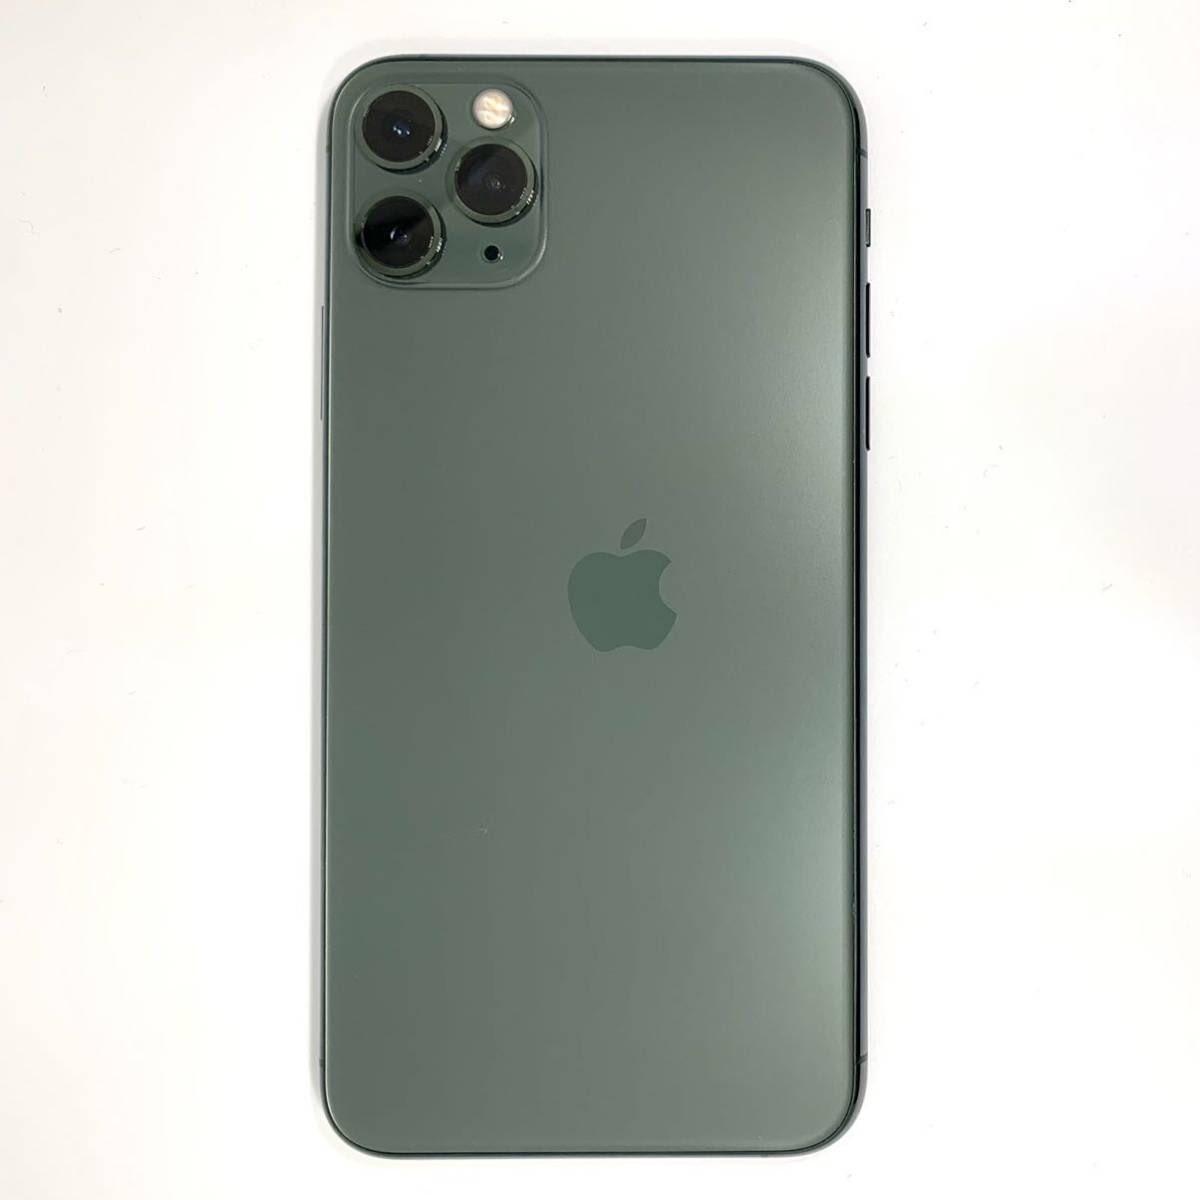 Takto vyzerá extrémne vzácny iPhone 11 Pro s krivým logom